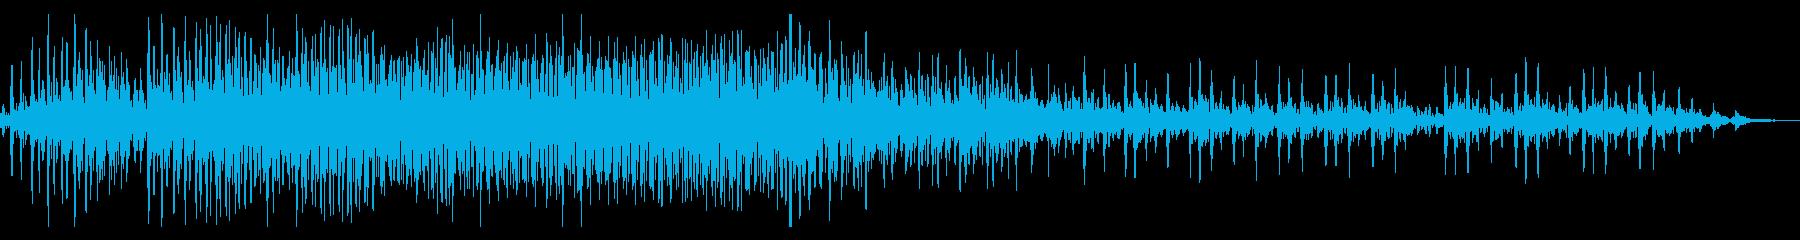 ハーレー系の大型バイク/エンジン効果音4の再生済みの波形